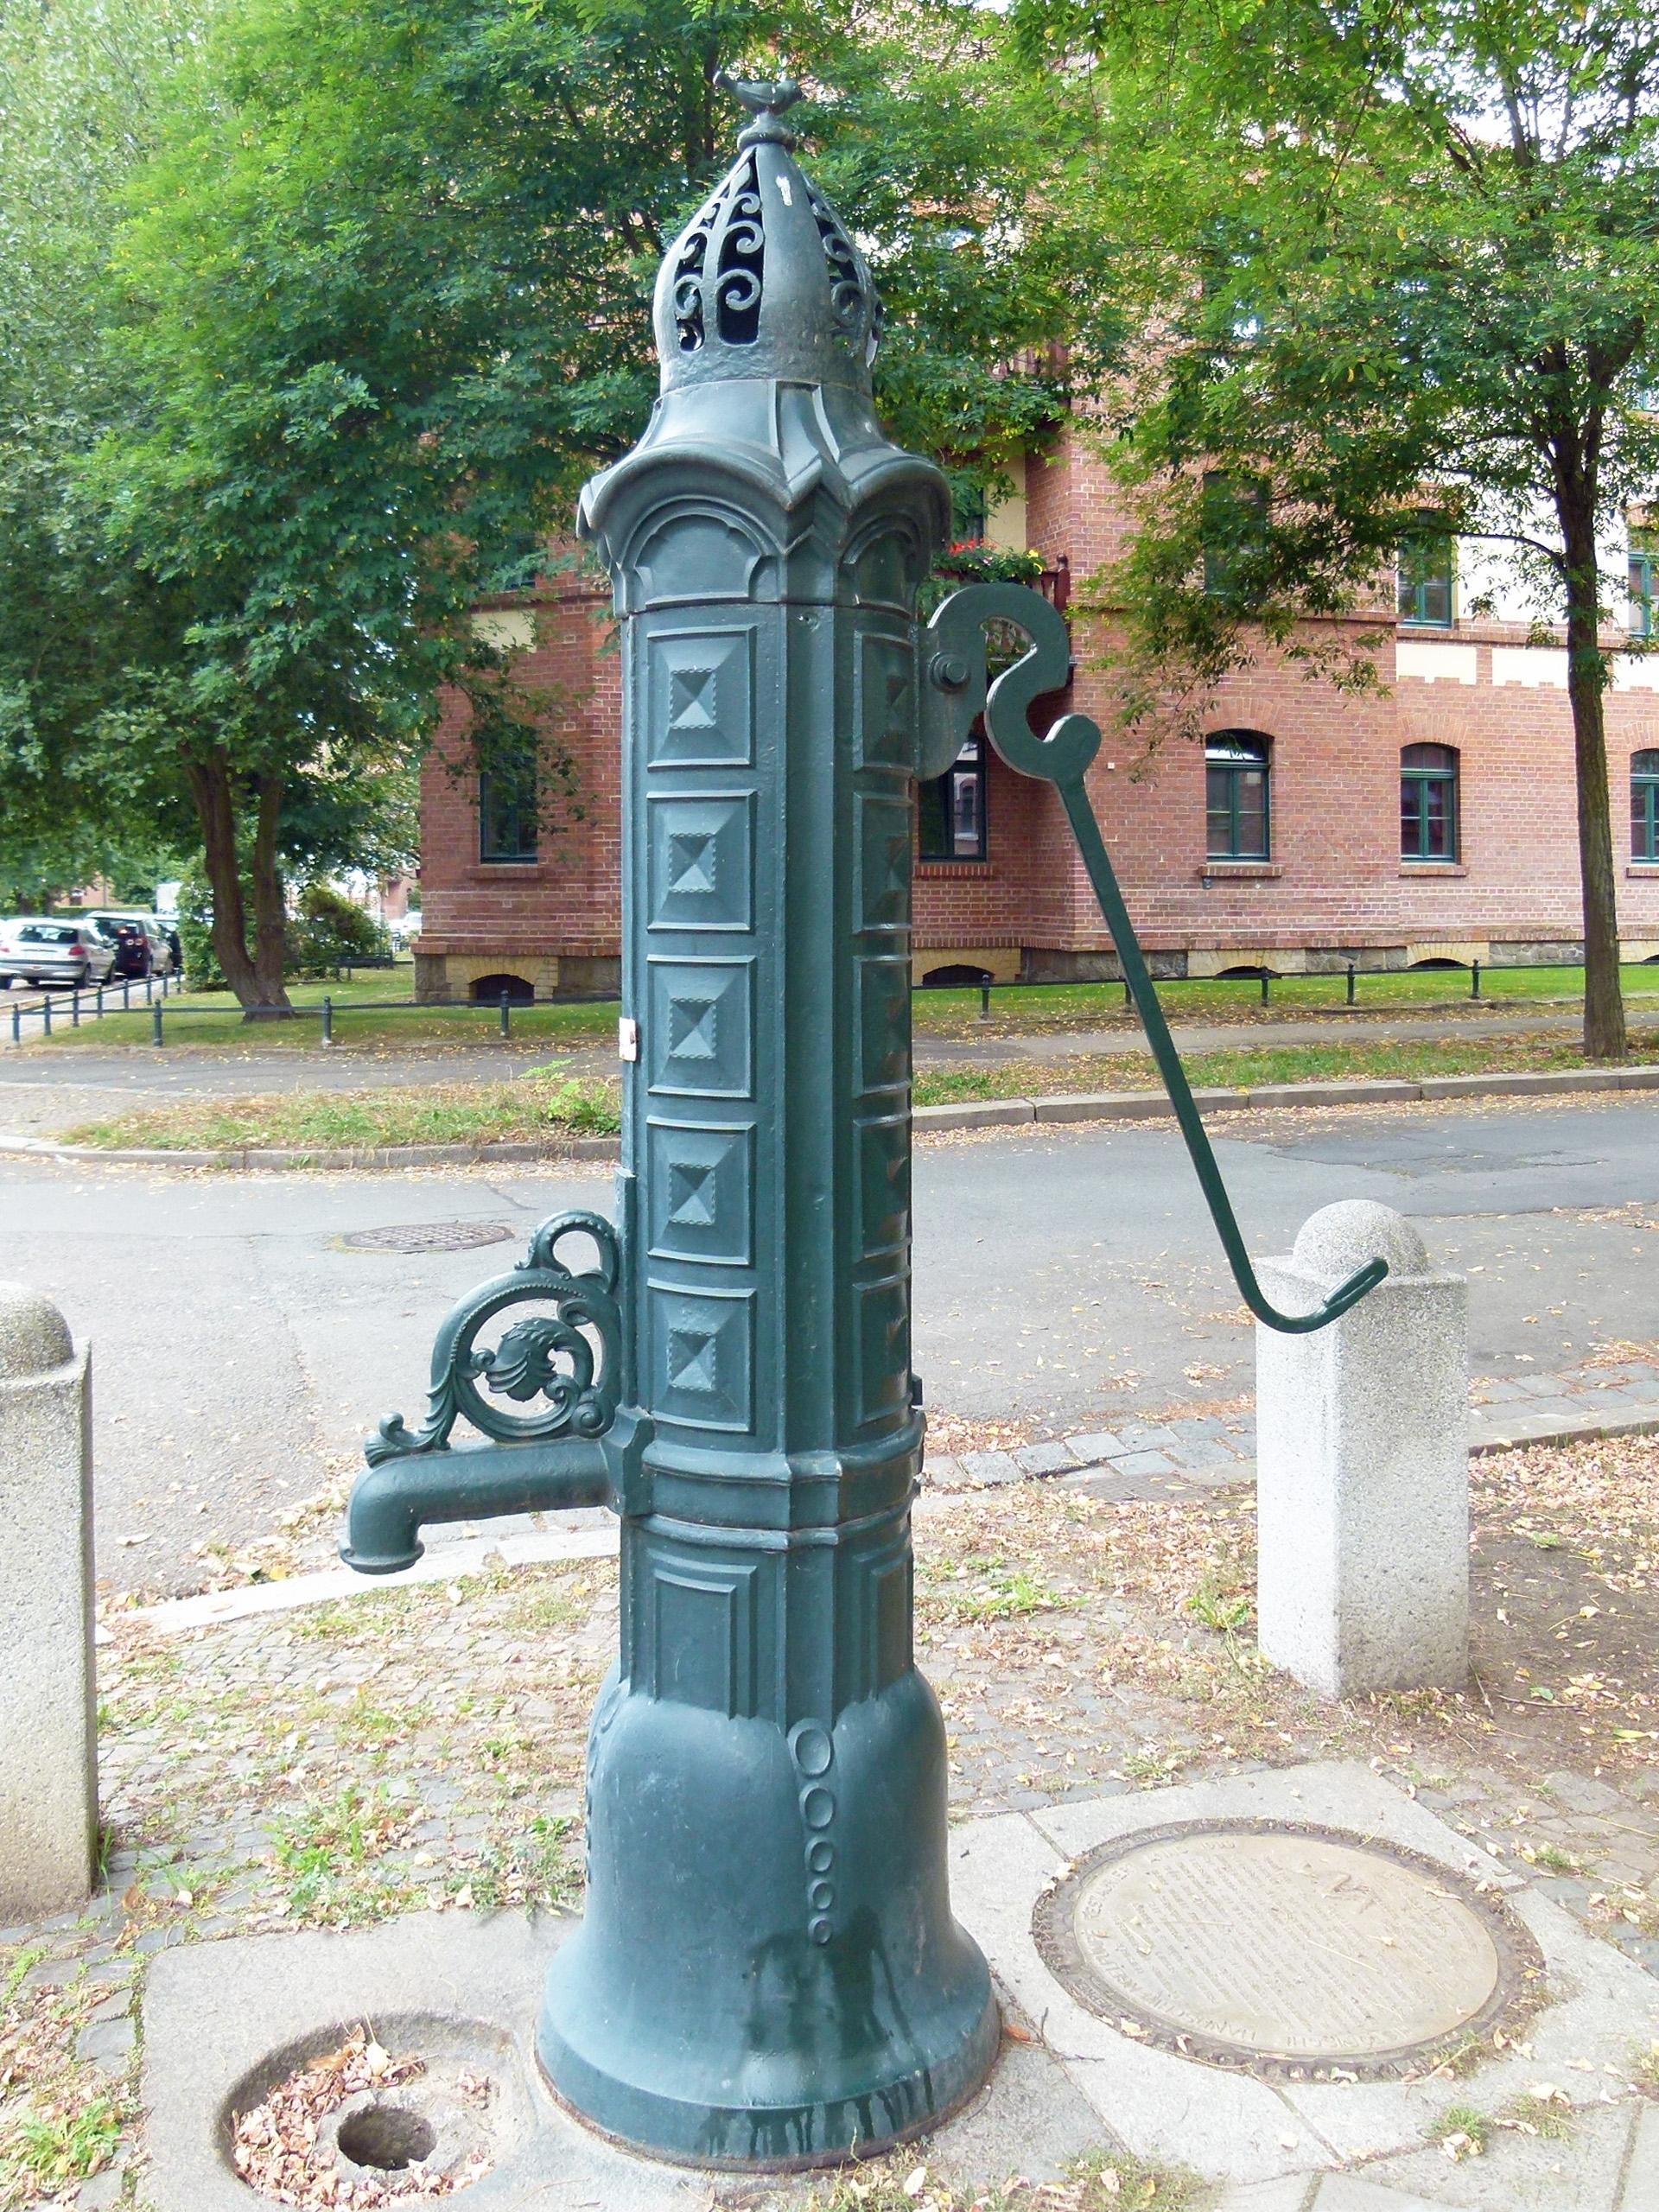 Lieblings Handschwengelpumpen in Leipzig – Wikipedia #AF_19